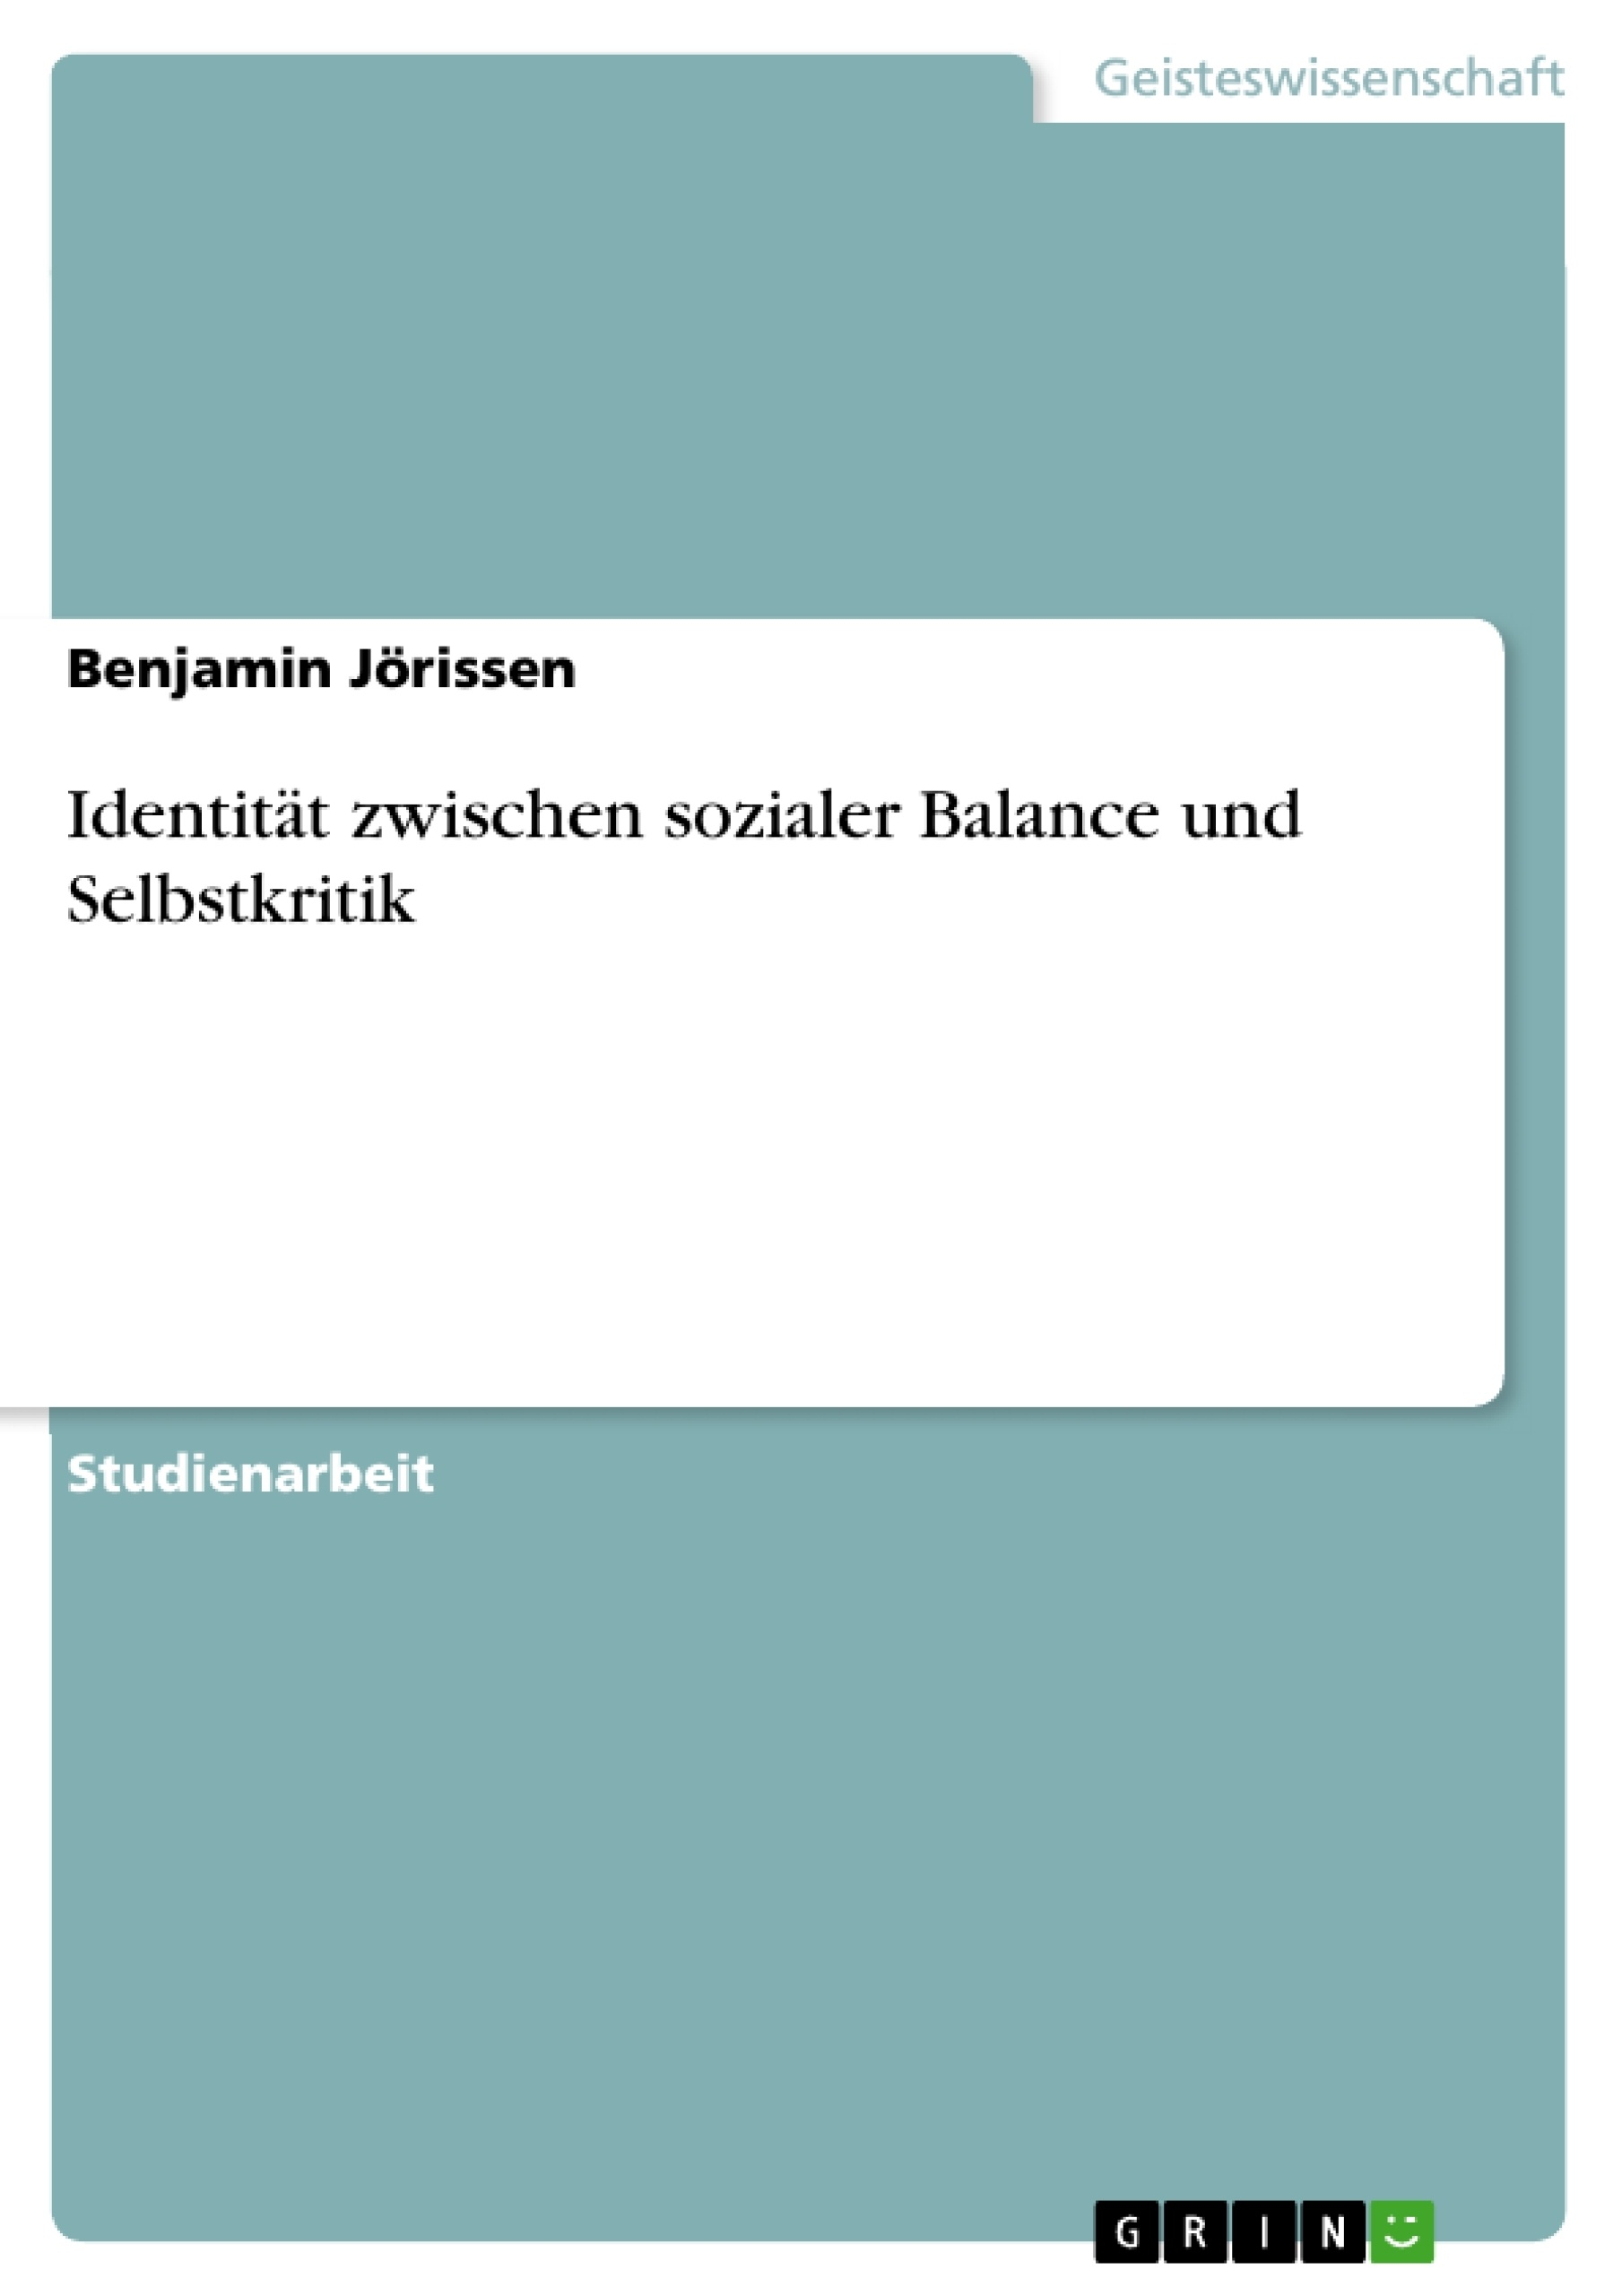 Titel: Identität zwischen sozialer Balance und Selbstkritik